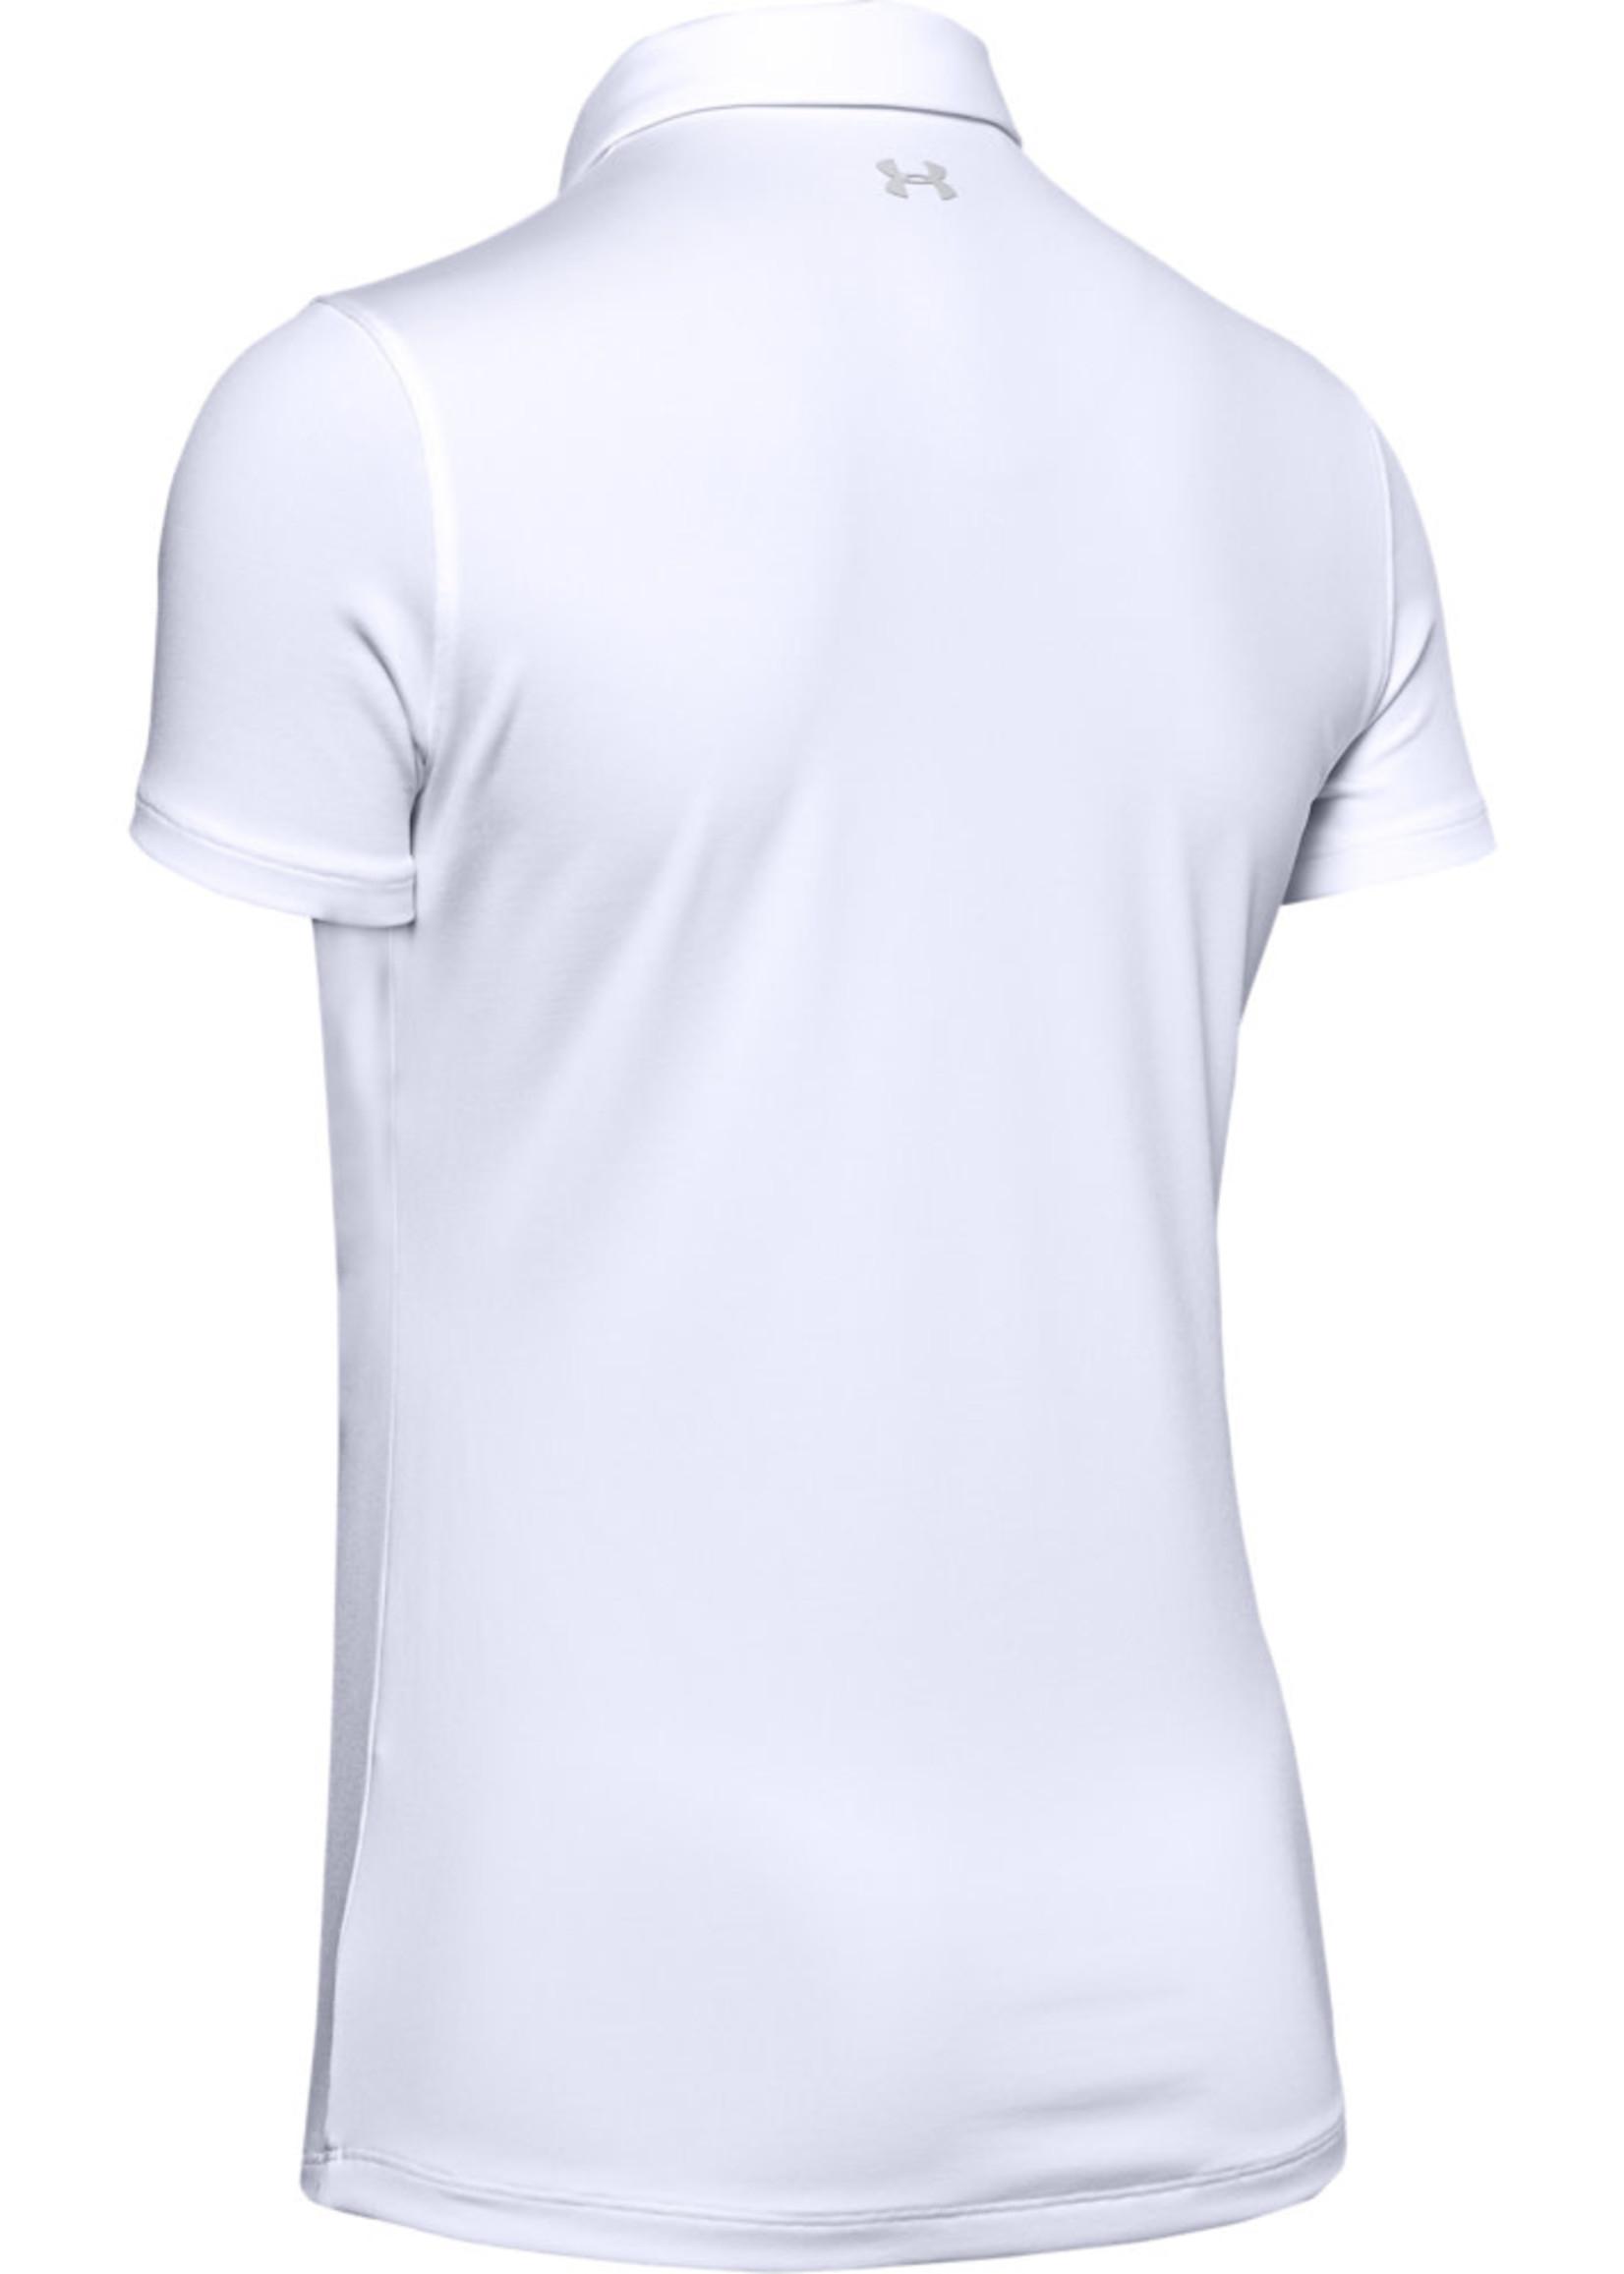 Under Armour UA Zinger Short Sleeve Polo-White / / Halo Gray